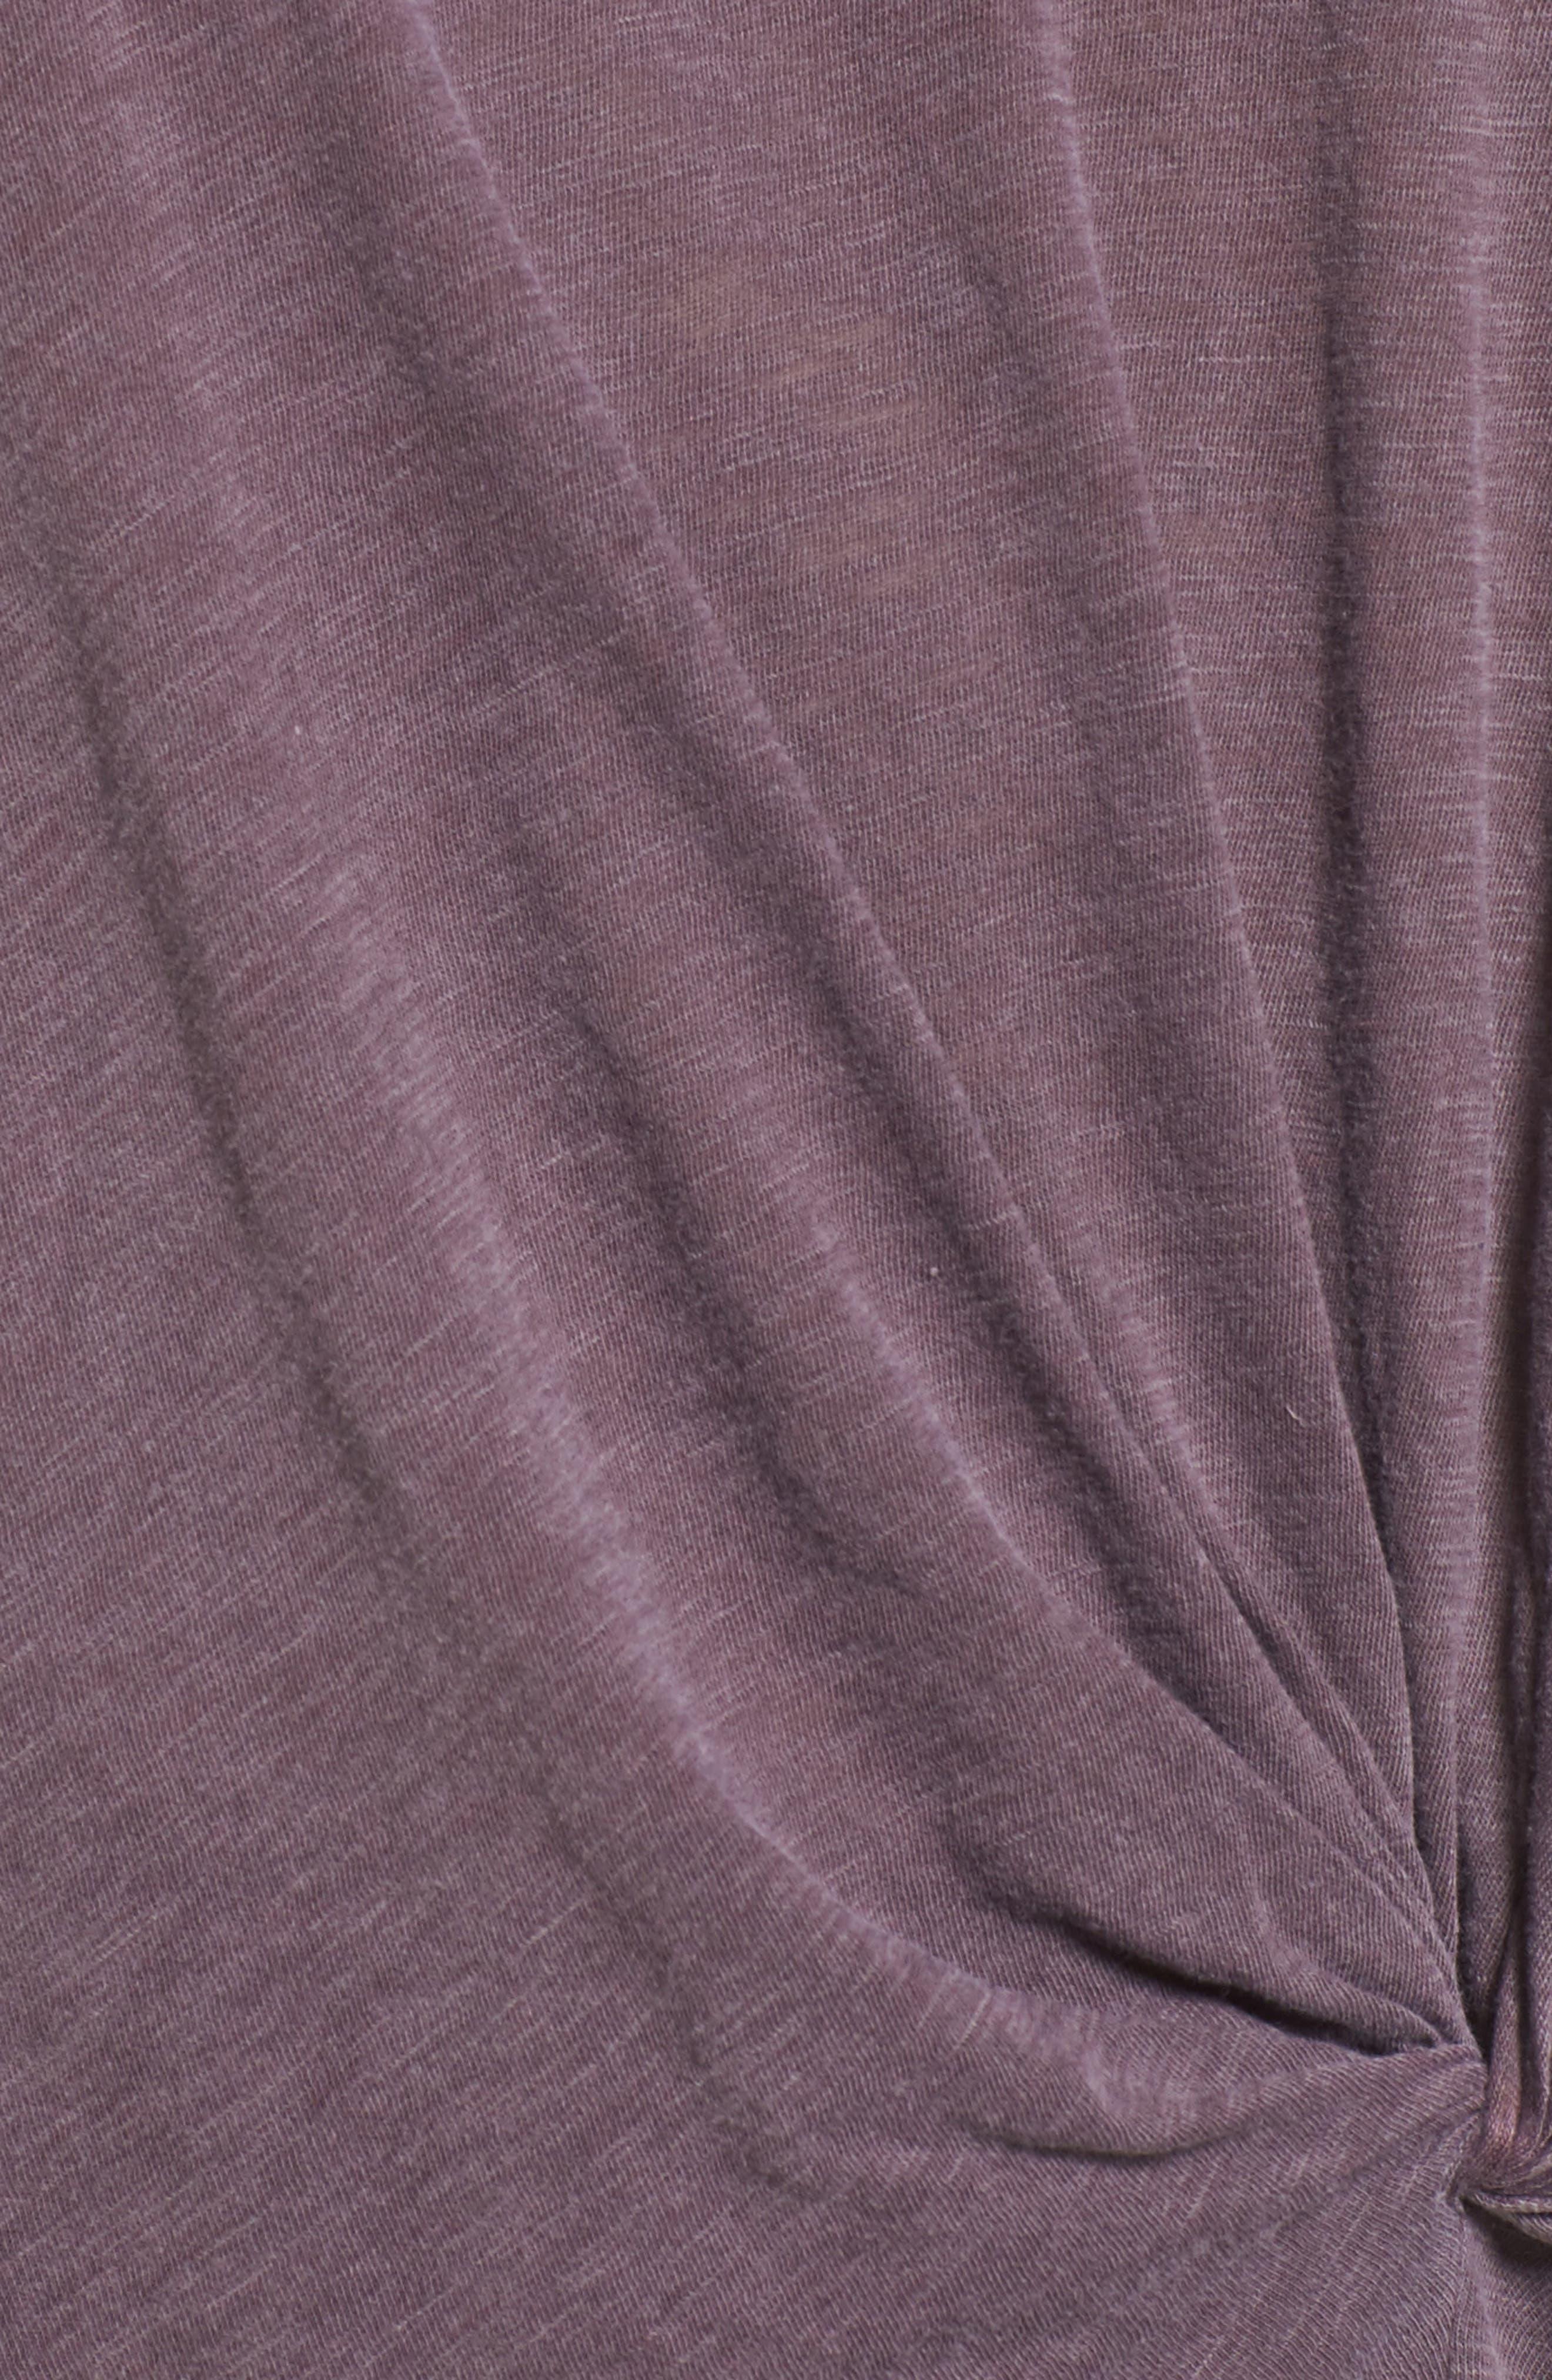 Knot Detail Slub Knit Tee,                             Alternate thumbnail 54, color,